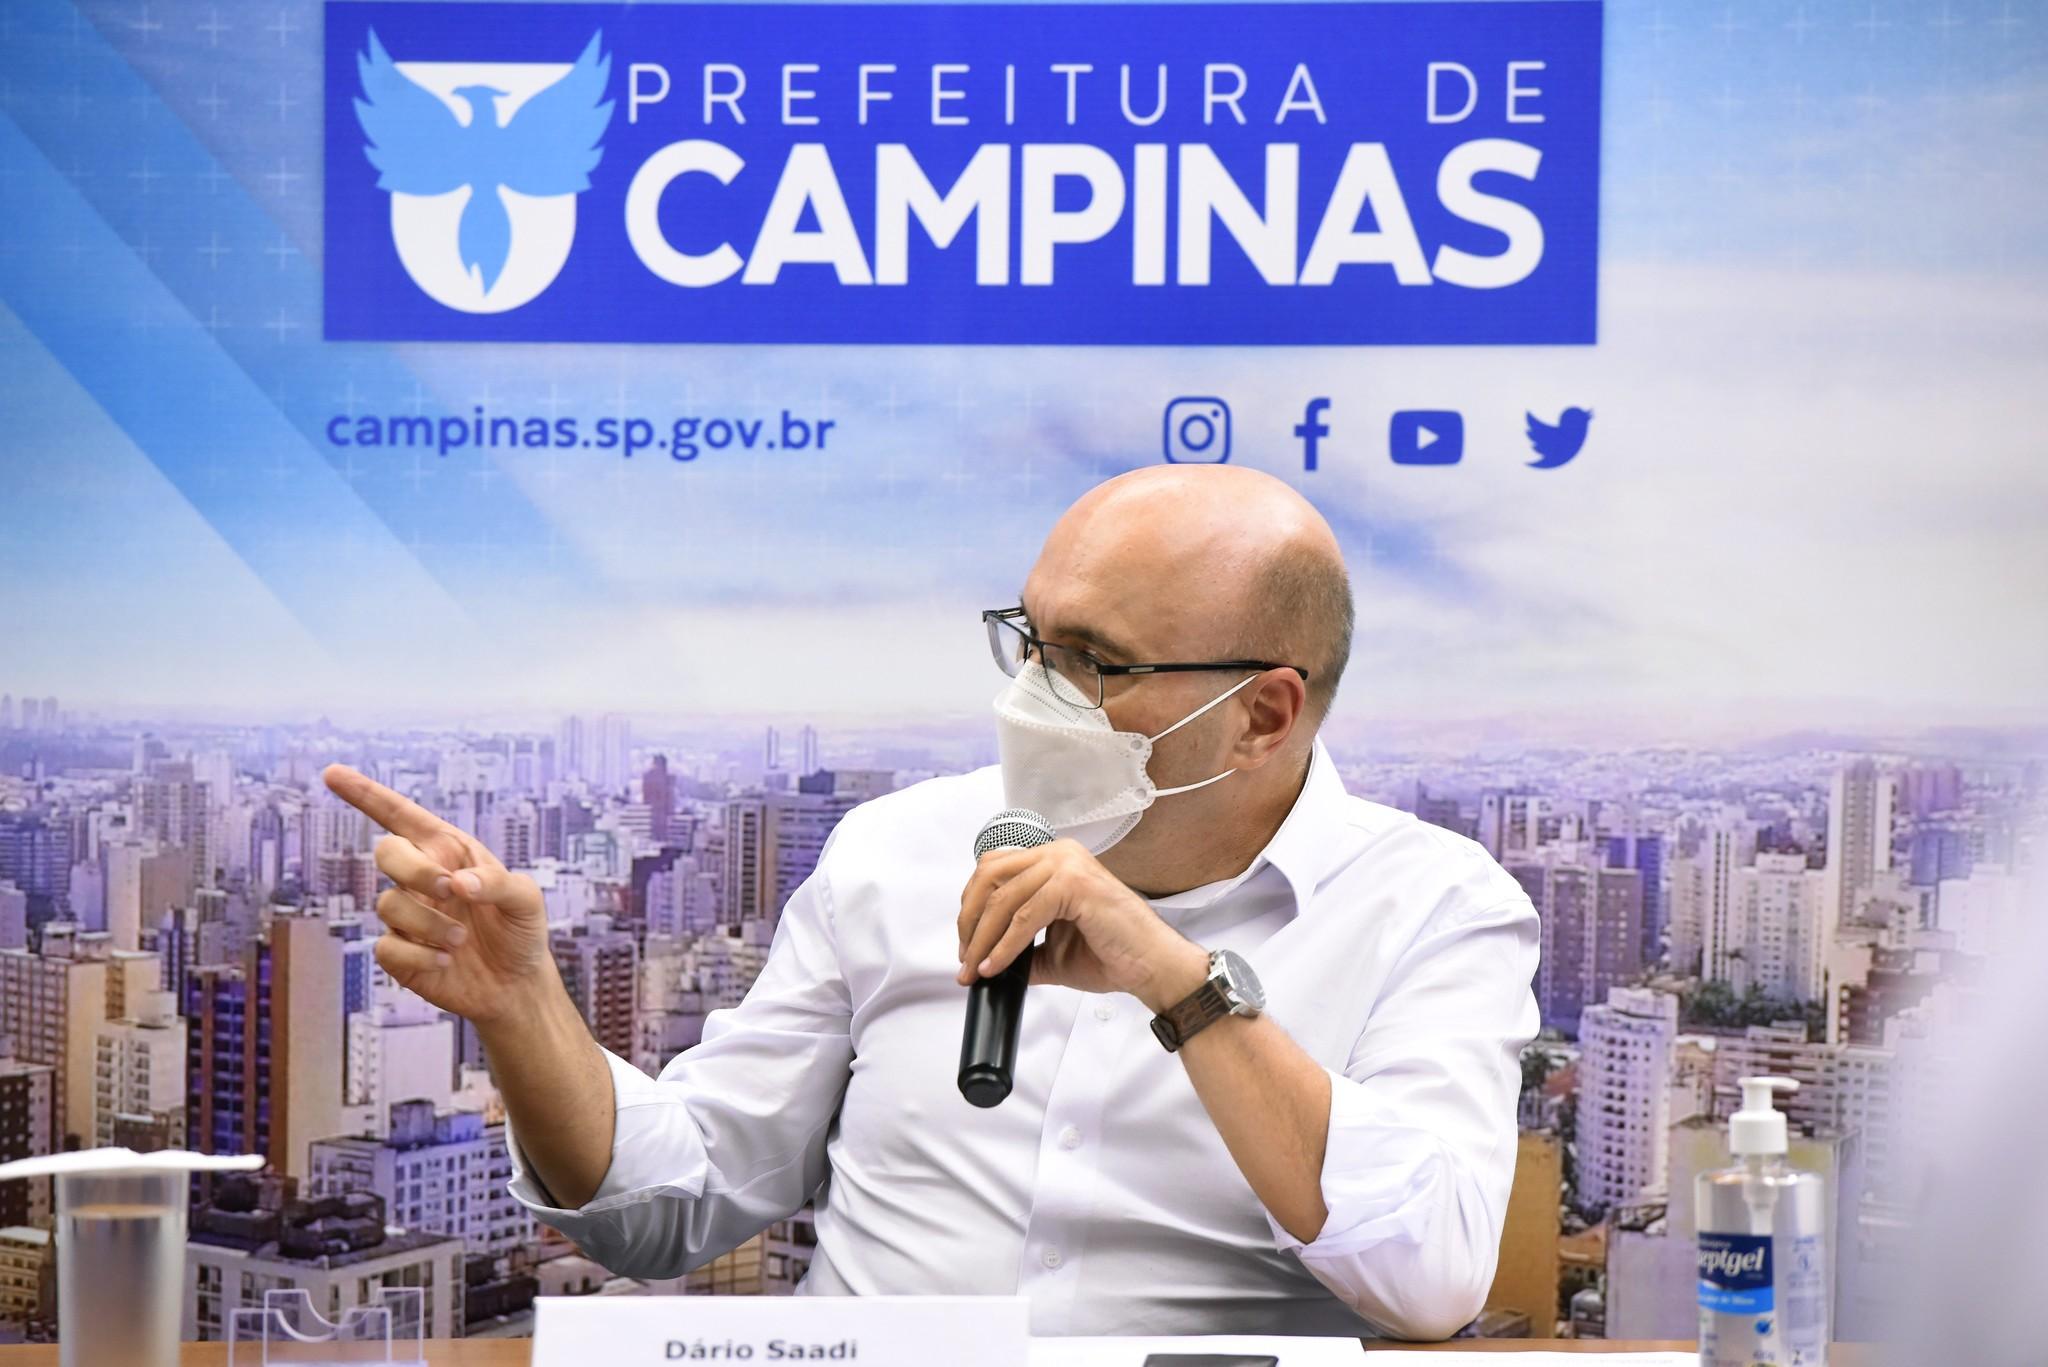 Covid: Campinas anuncia toque de recolher das 19h às 5h a partir de segunda-feira